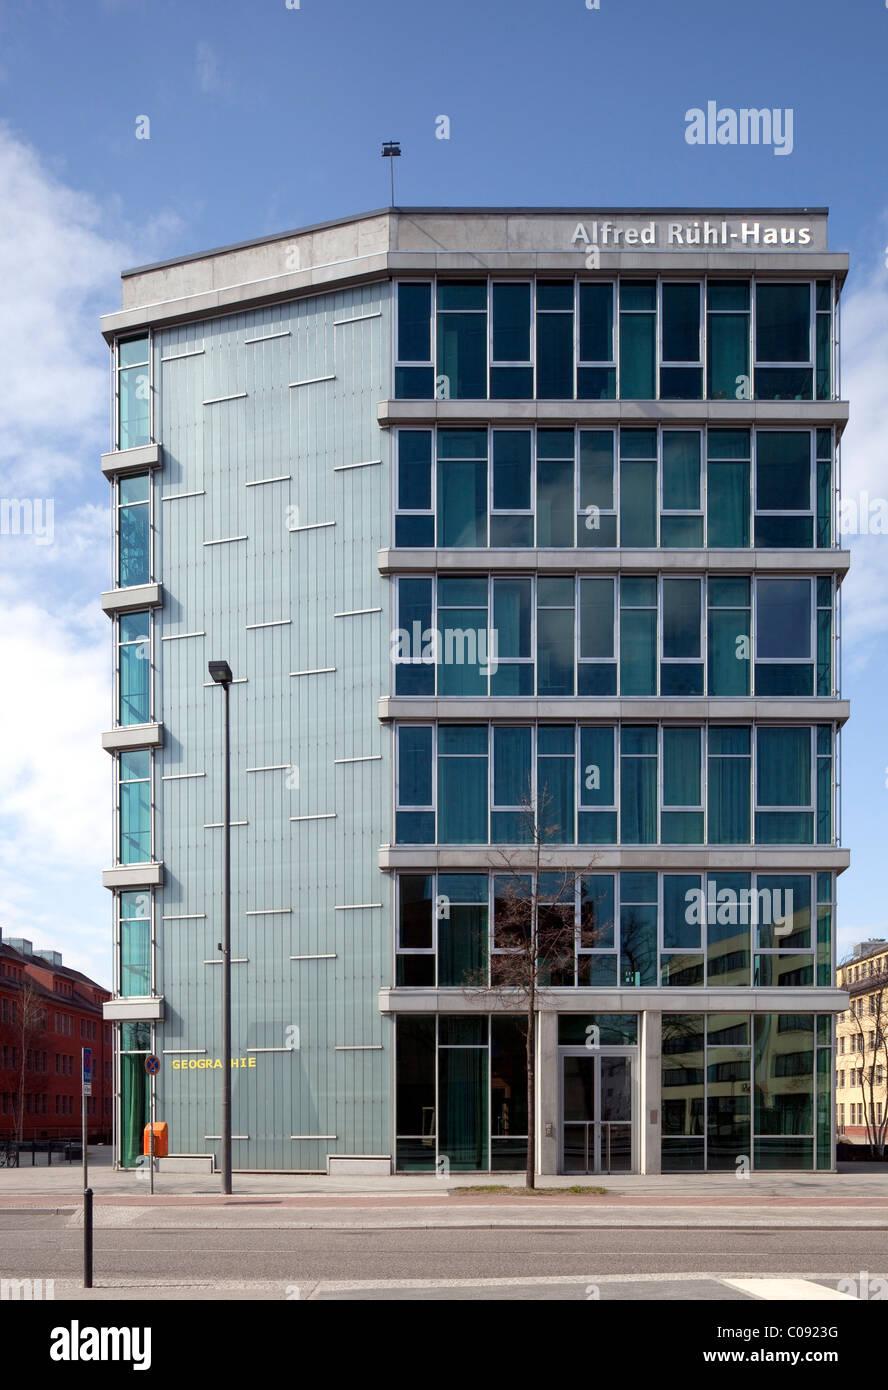 Alfred-Ruehl-Haus building, Department of Geography, Humboldt-Universitaet university, Wissenschaftsstadt Adlershof - Stock Image